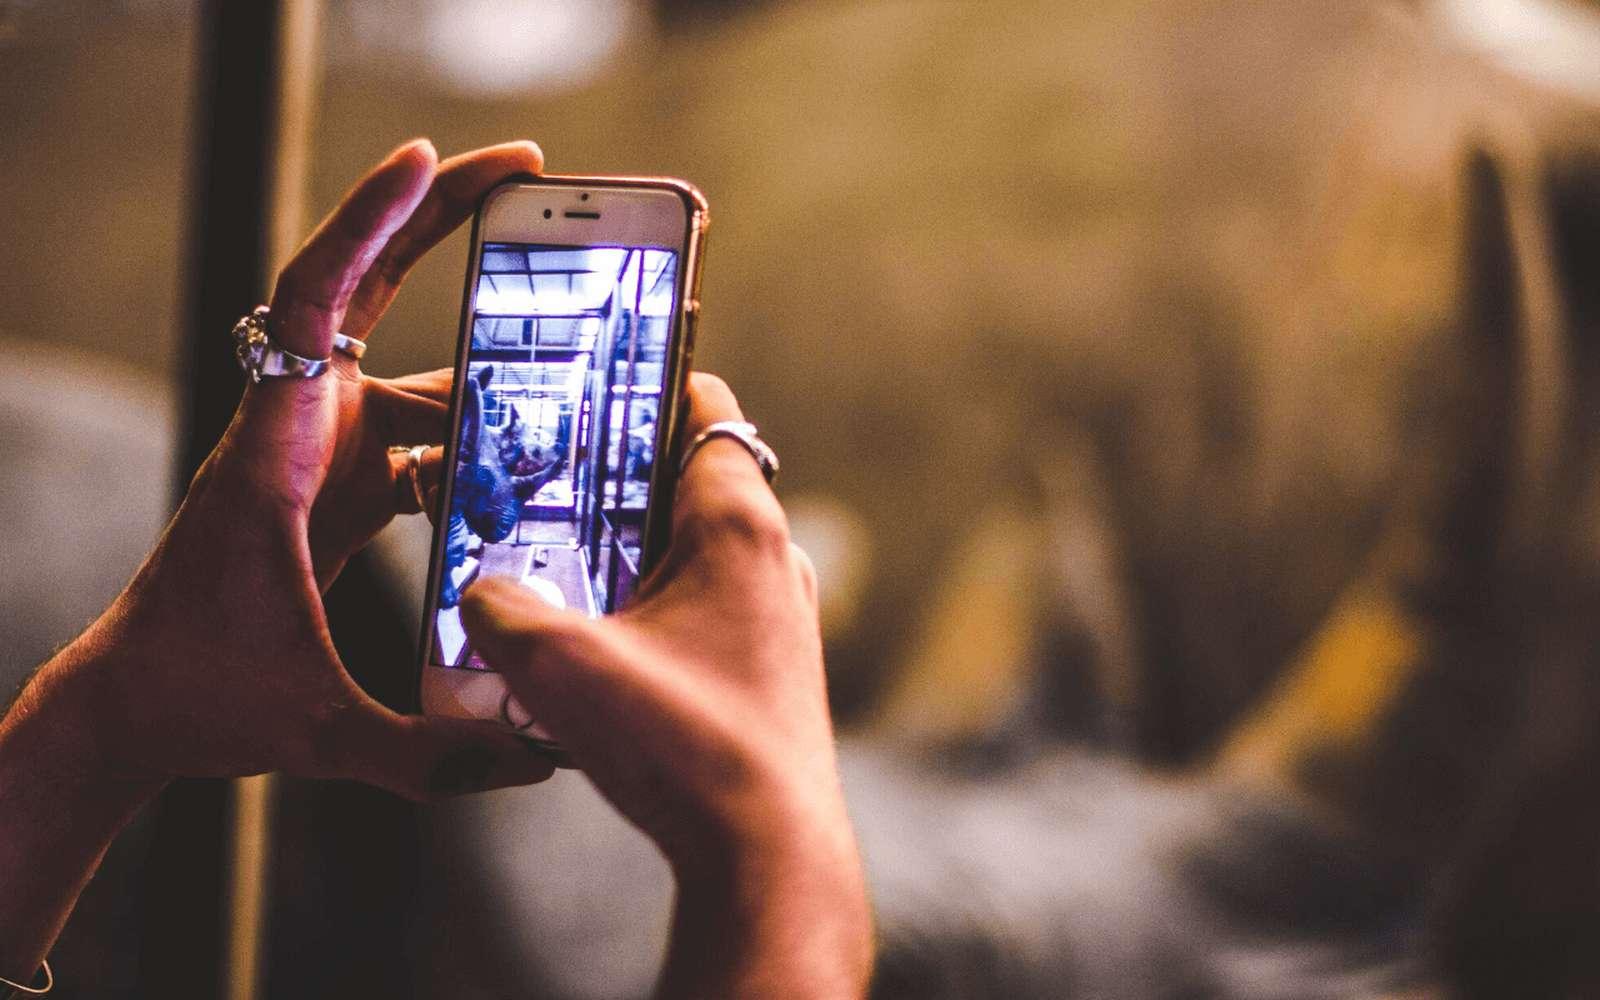 Avec la sortie du Google Pixel 4, la dernière semaine d'octobre 2019 est un bon moment pour faire de bonnes affaires sur les modèles de smartphones précédents. © Unsplash